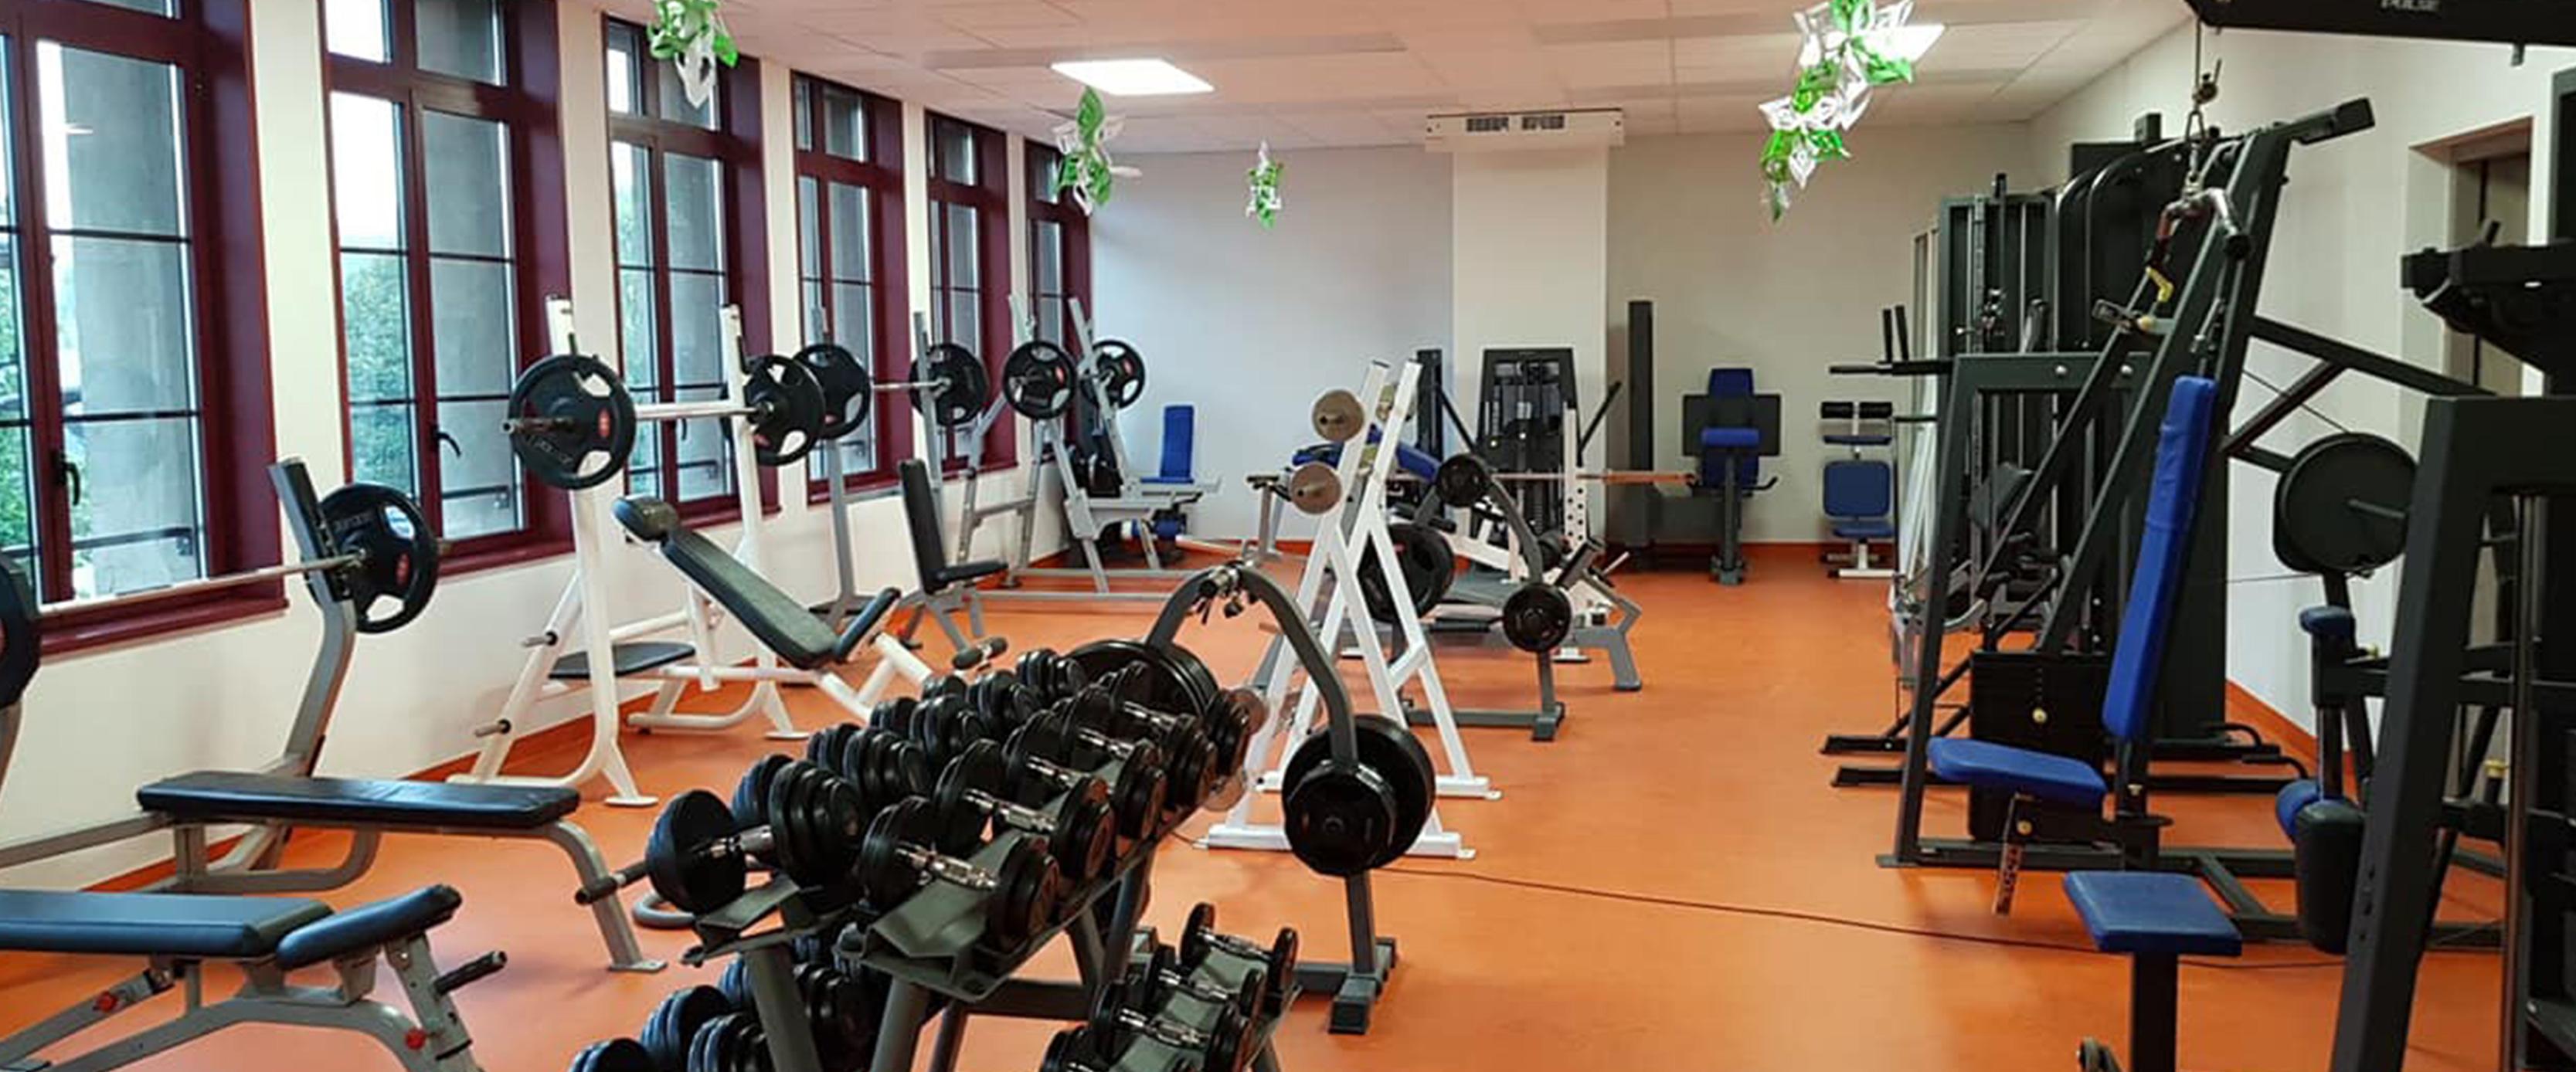 salle-musculation-besse-equipements-sports.jpg